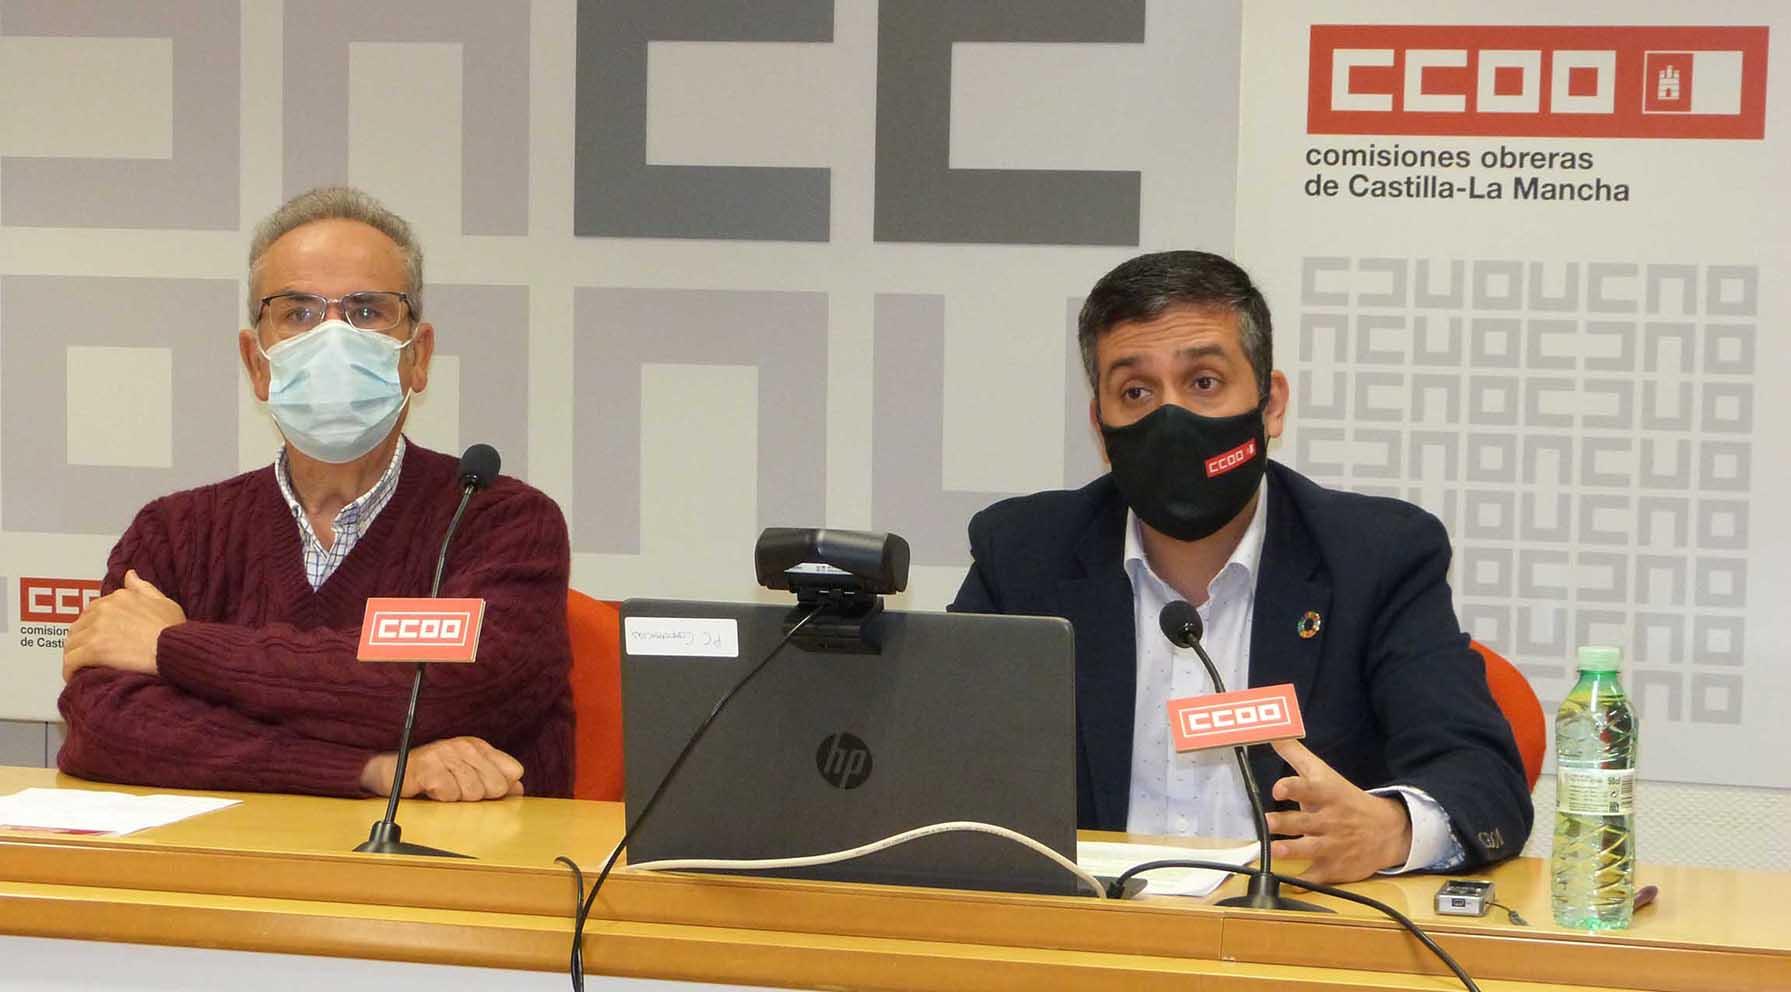 El presidente de la Fundación Instituto de Estudios Sociales, Antonio Arrogante; y el secretario regional de Organización de CCOO, Javier Ortega,